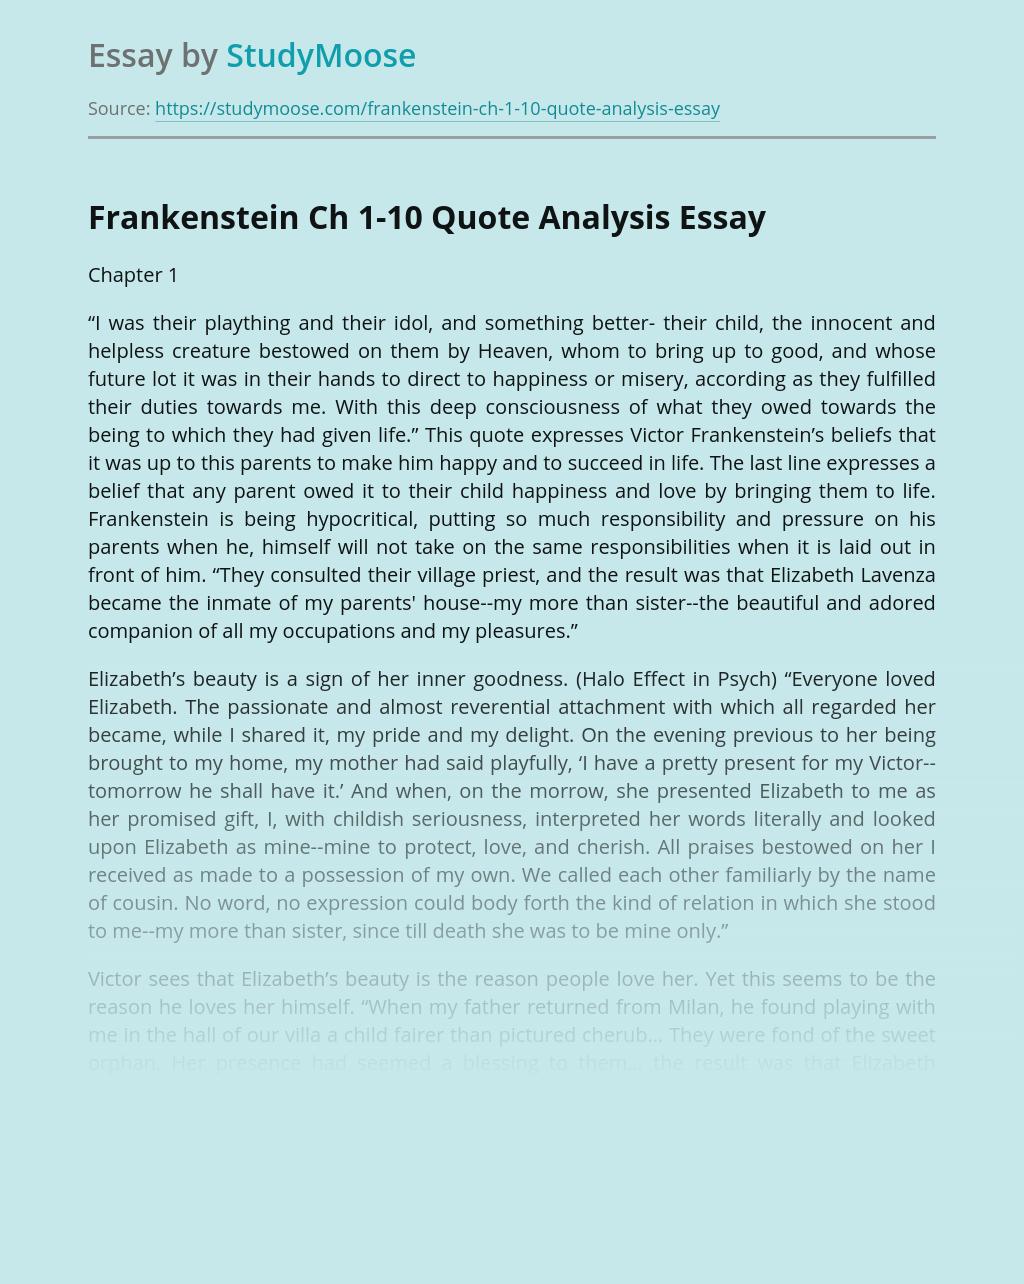 Frankenstein Ch 1-10 Quote Analysis